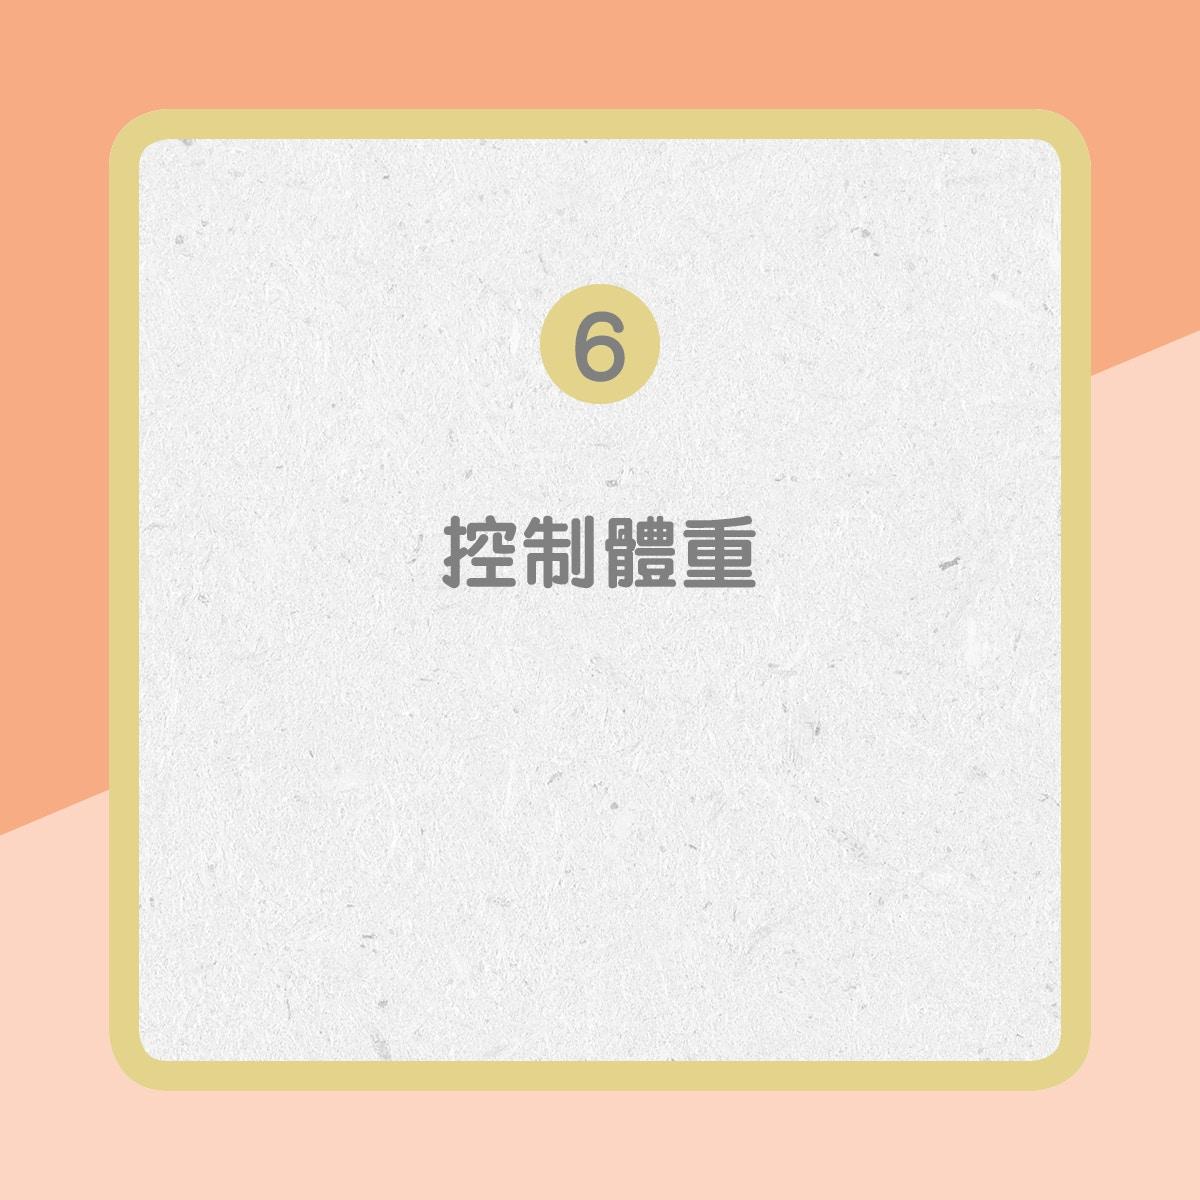 【心臟衰竭治療】6. 控制體重(01製圖)